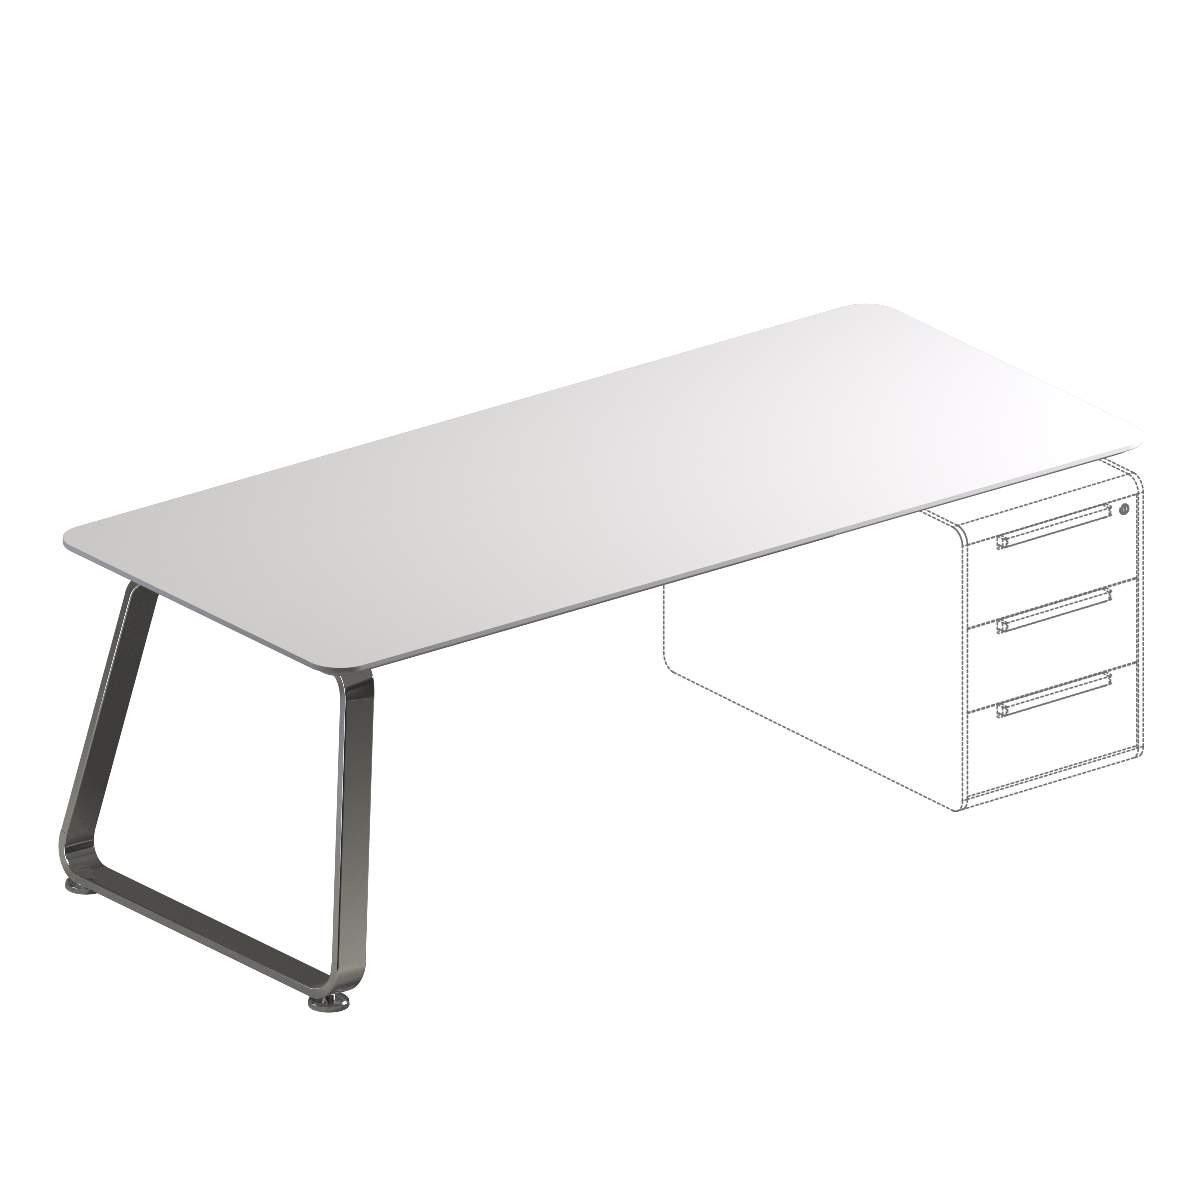 Прямоугольный стол на 1 опоре 2180x900x720